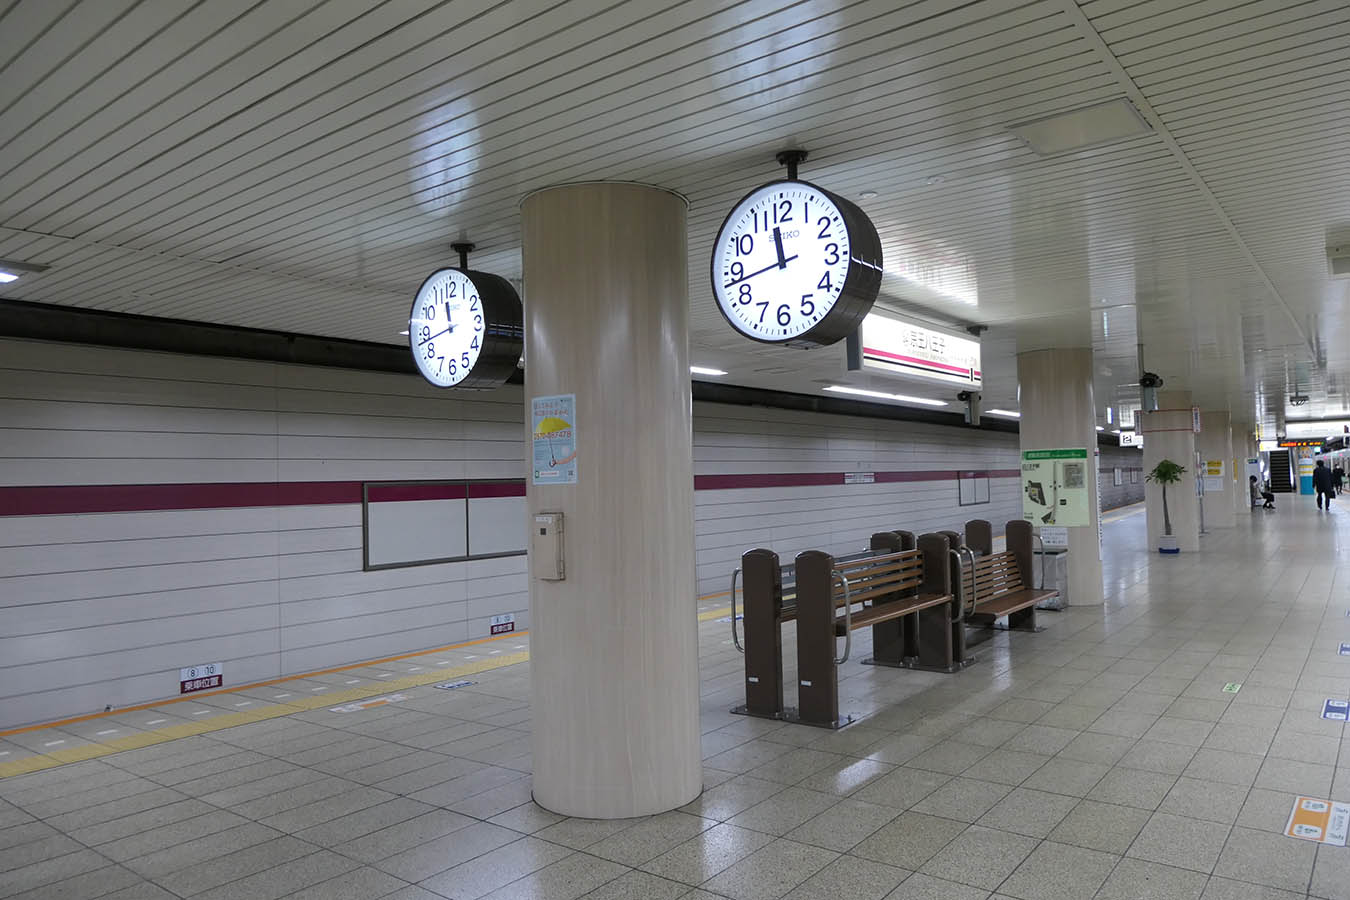 KO34_photo02.jpg